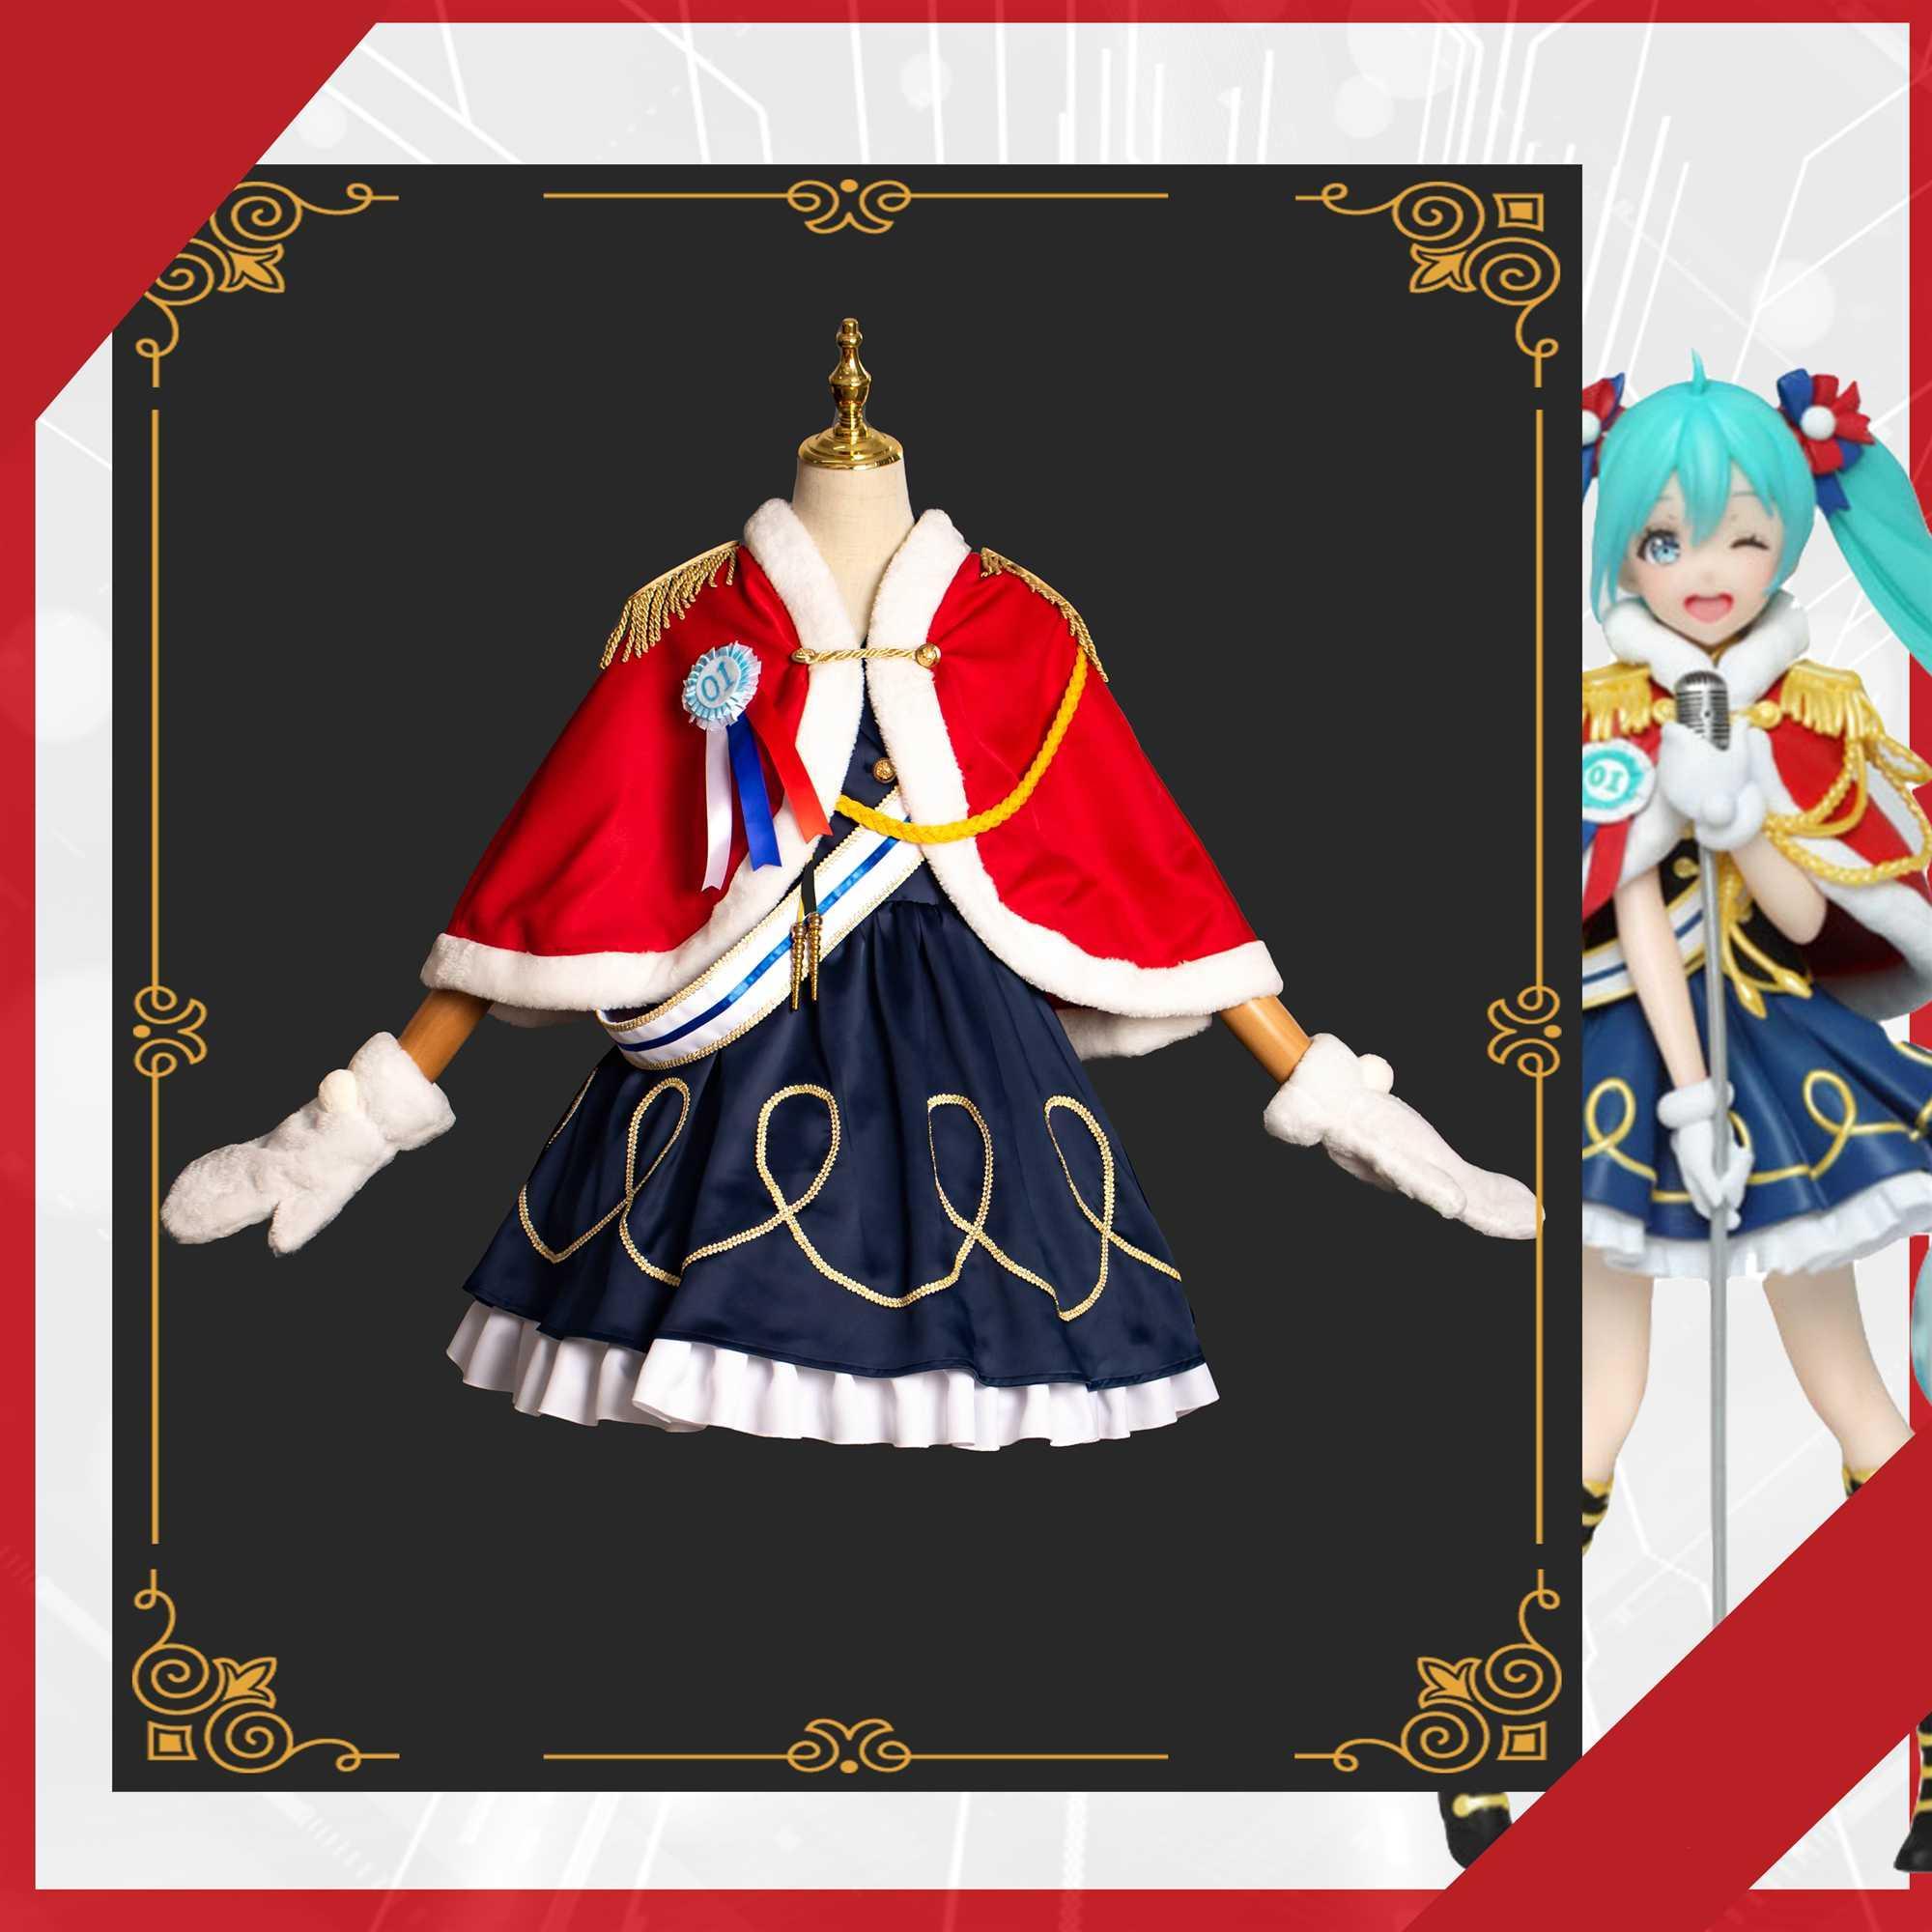 [Personalizzato] Anime Vocaloid Miku Inverno Live Band Giocare Uniformi cantante Cosplay costume di Halloween di trasporto 2019 Nuovo